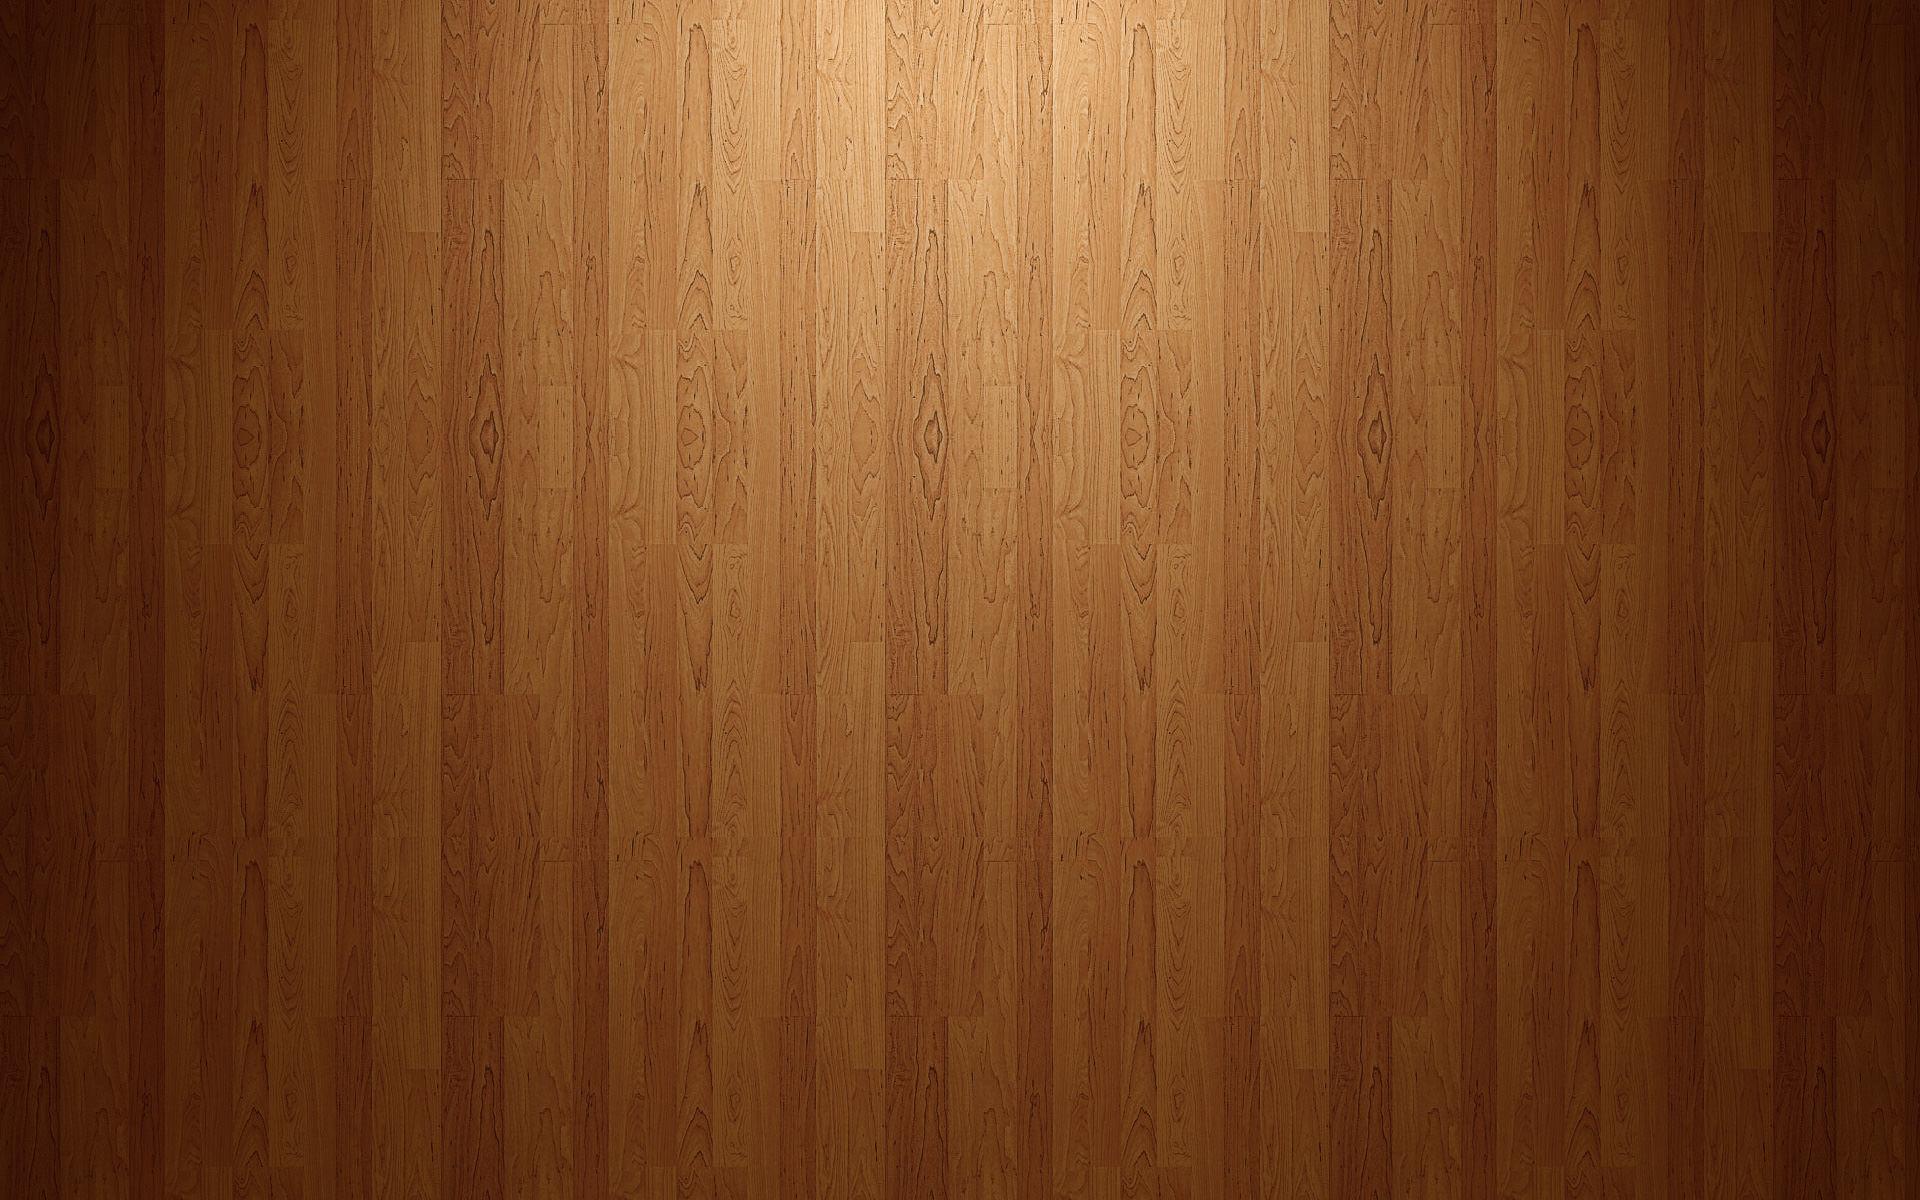 Wood Floor Wallpaper 65 Images